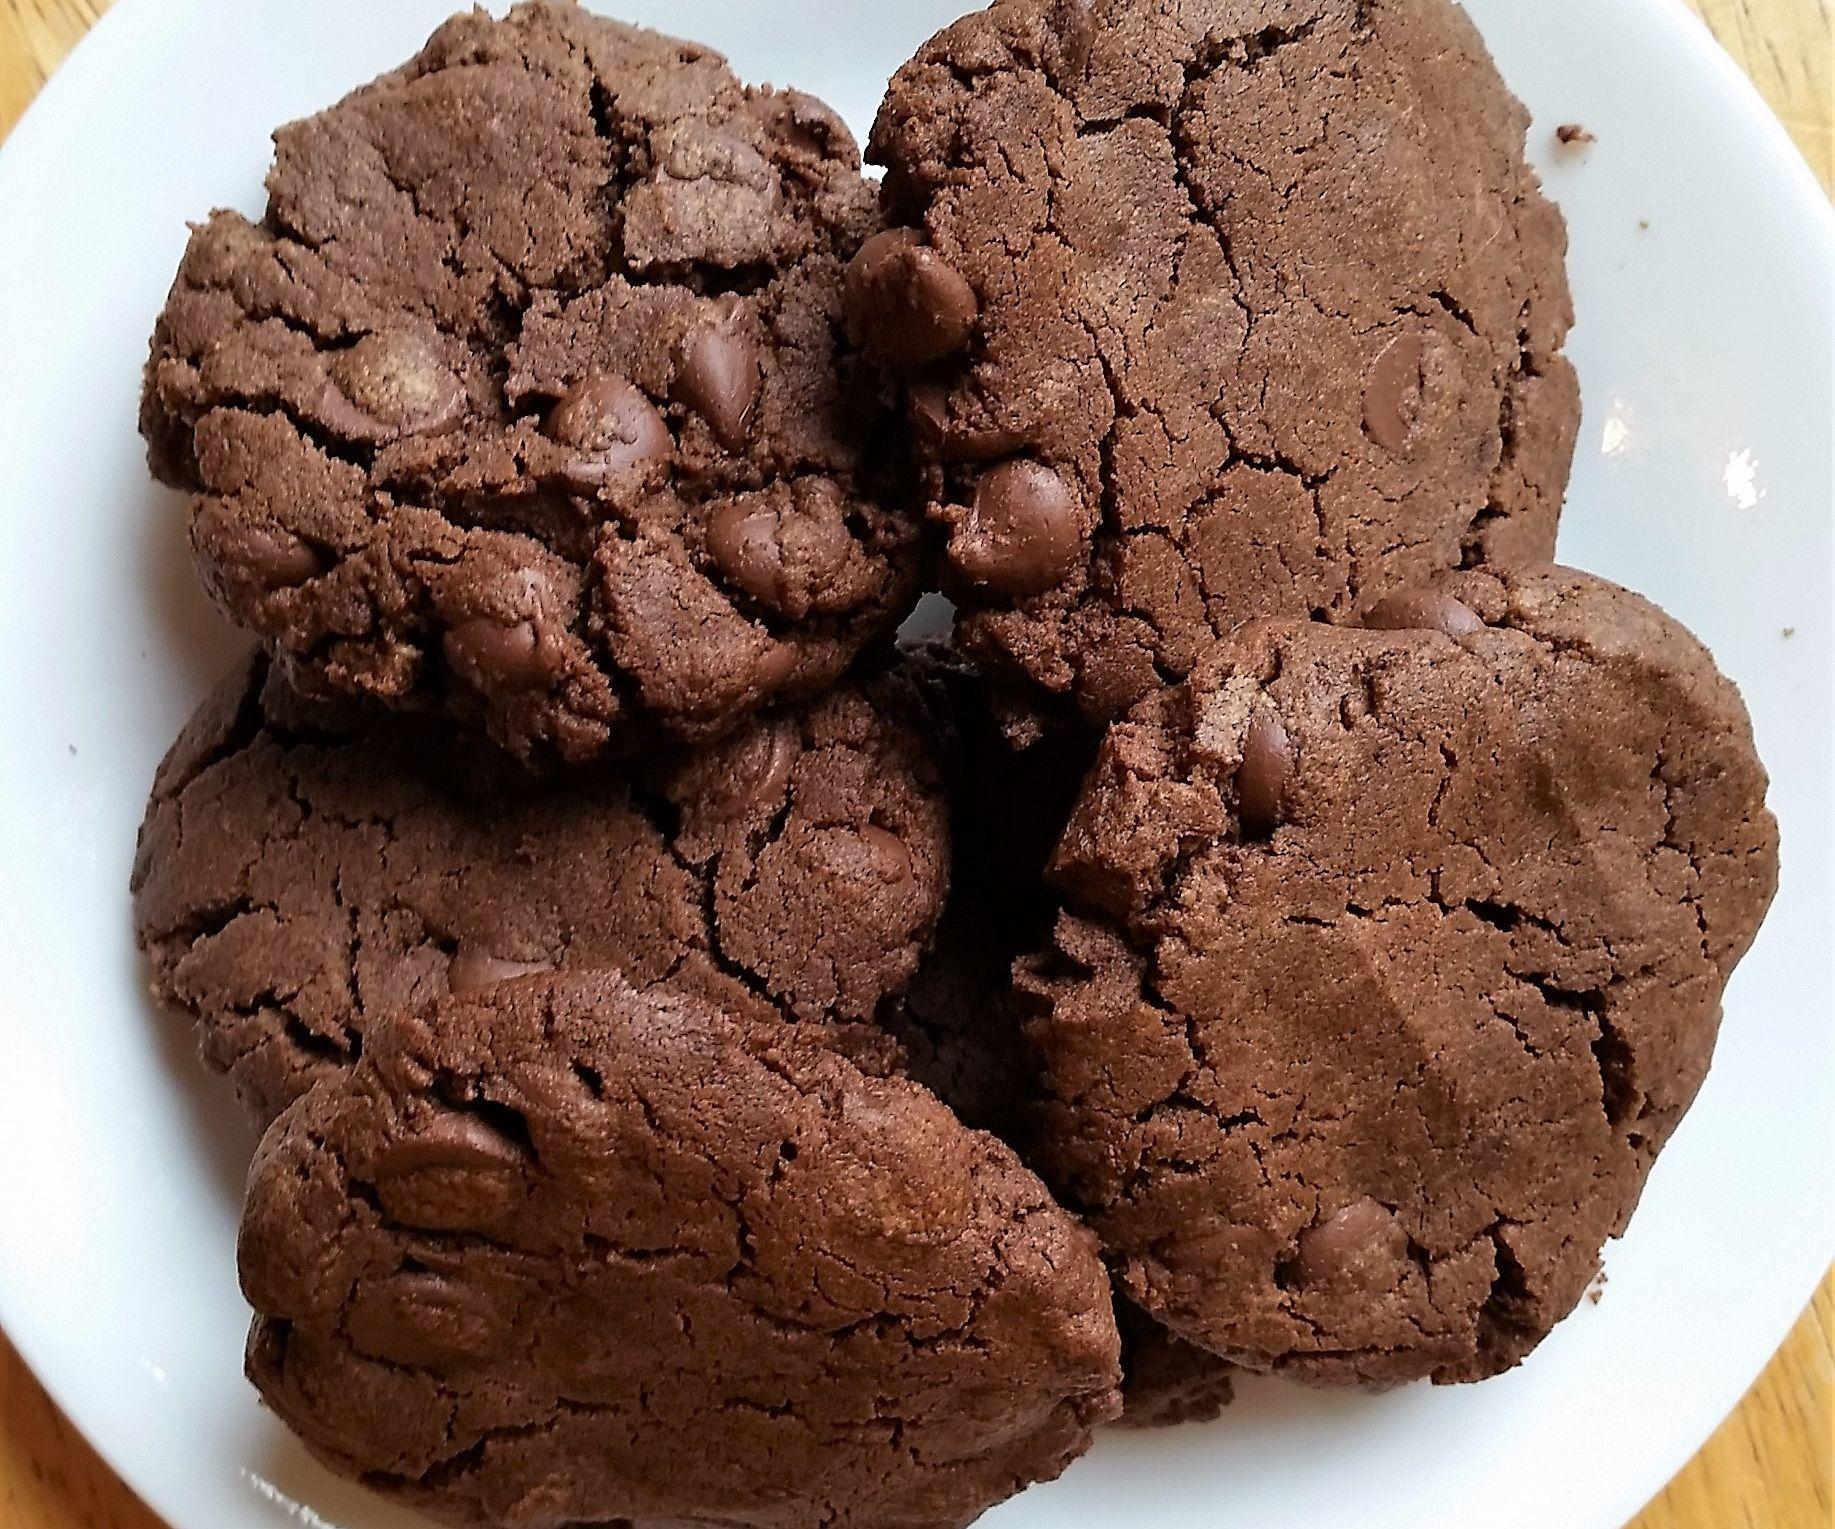 Chocolate Chocolate Chip Cookies! (flourless, Gluten Free, GF, Nut Butter, Peanut Butter)